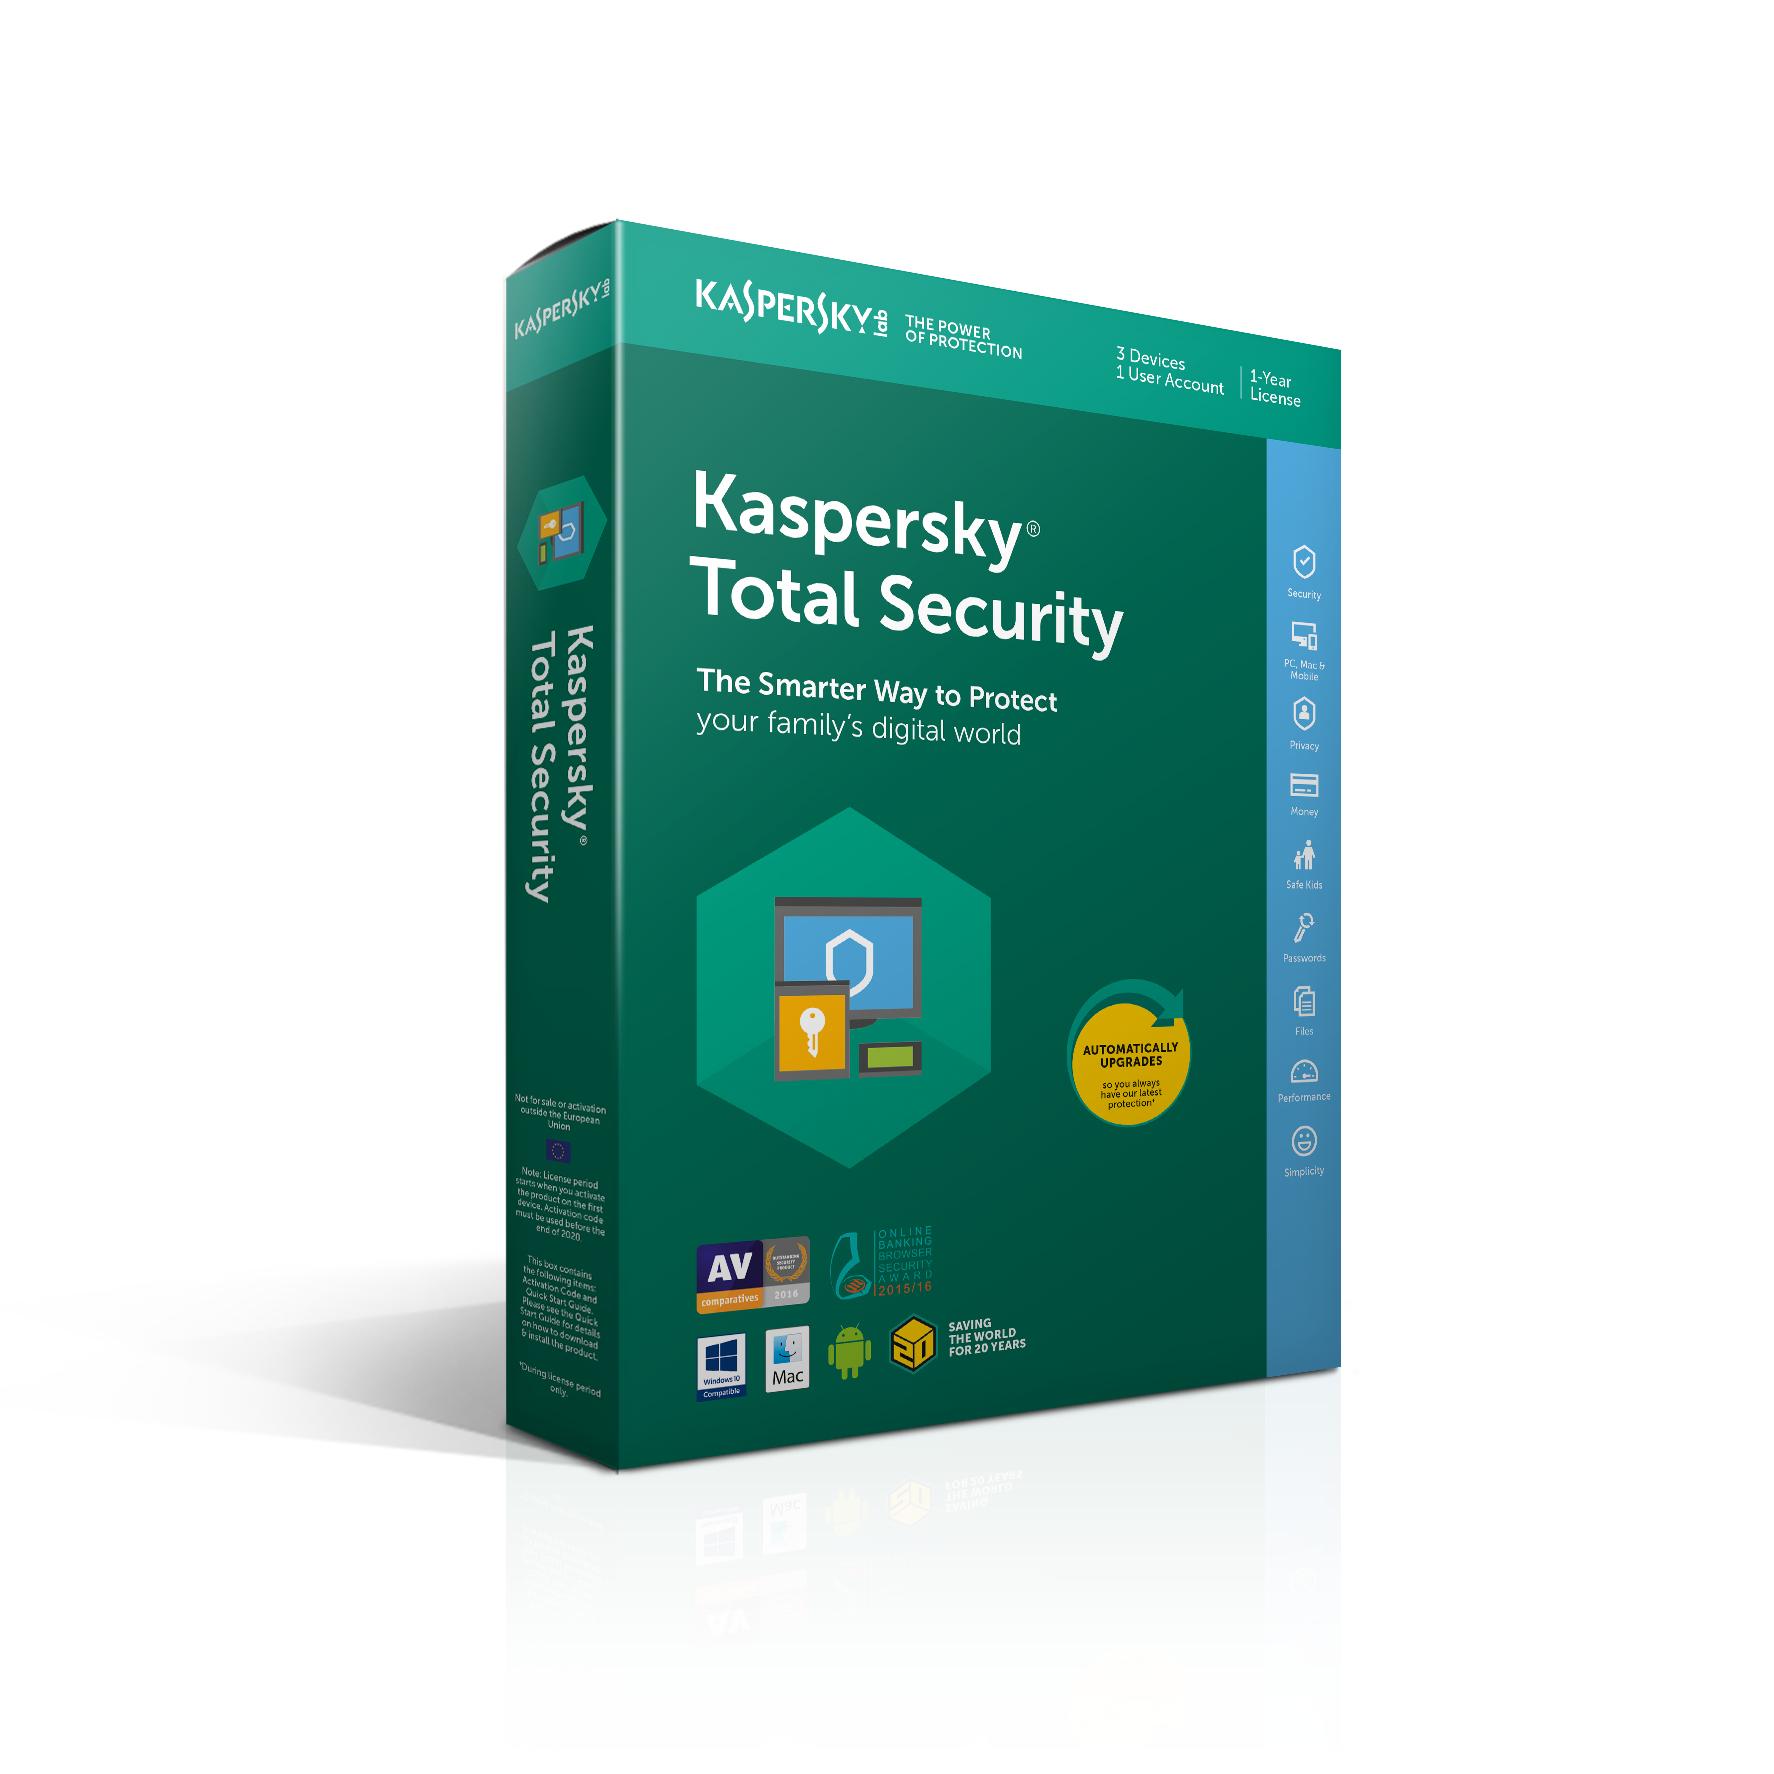 KASLG028000